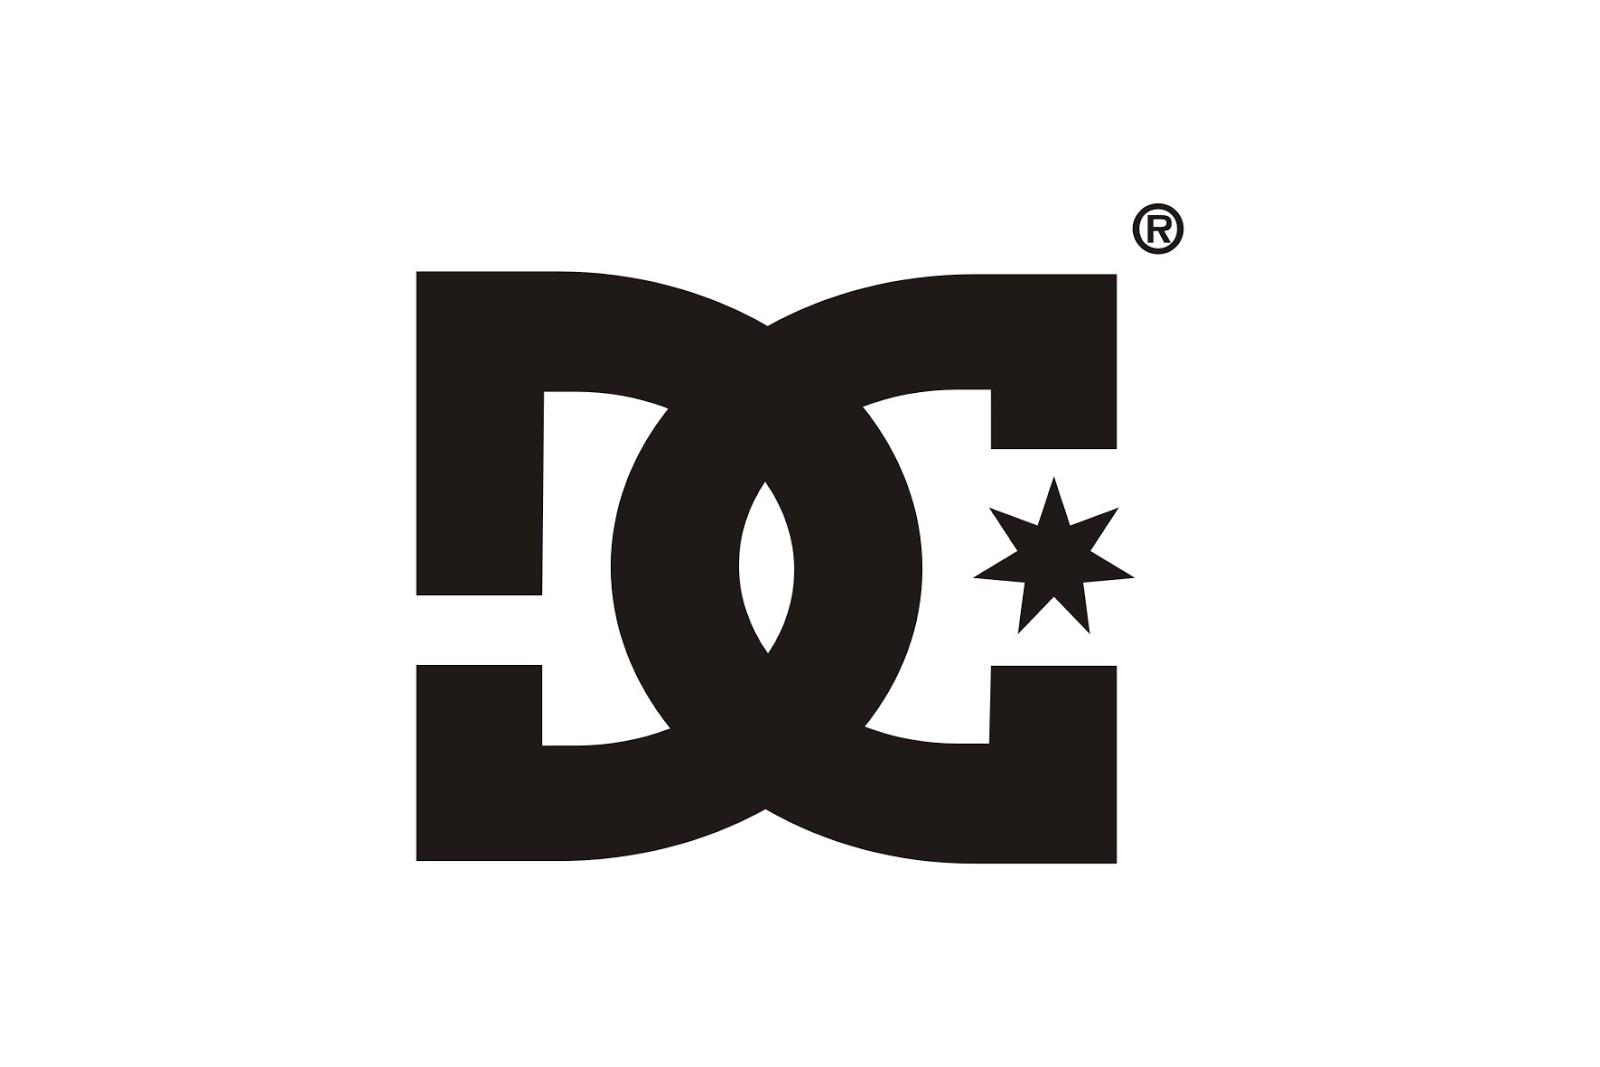 Dc shoes Logos.